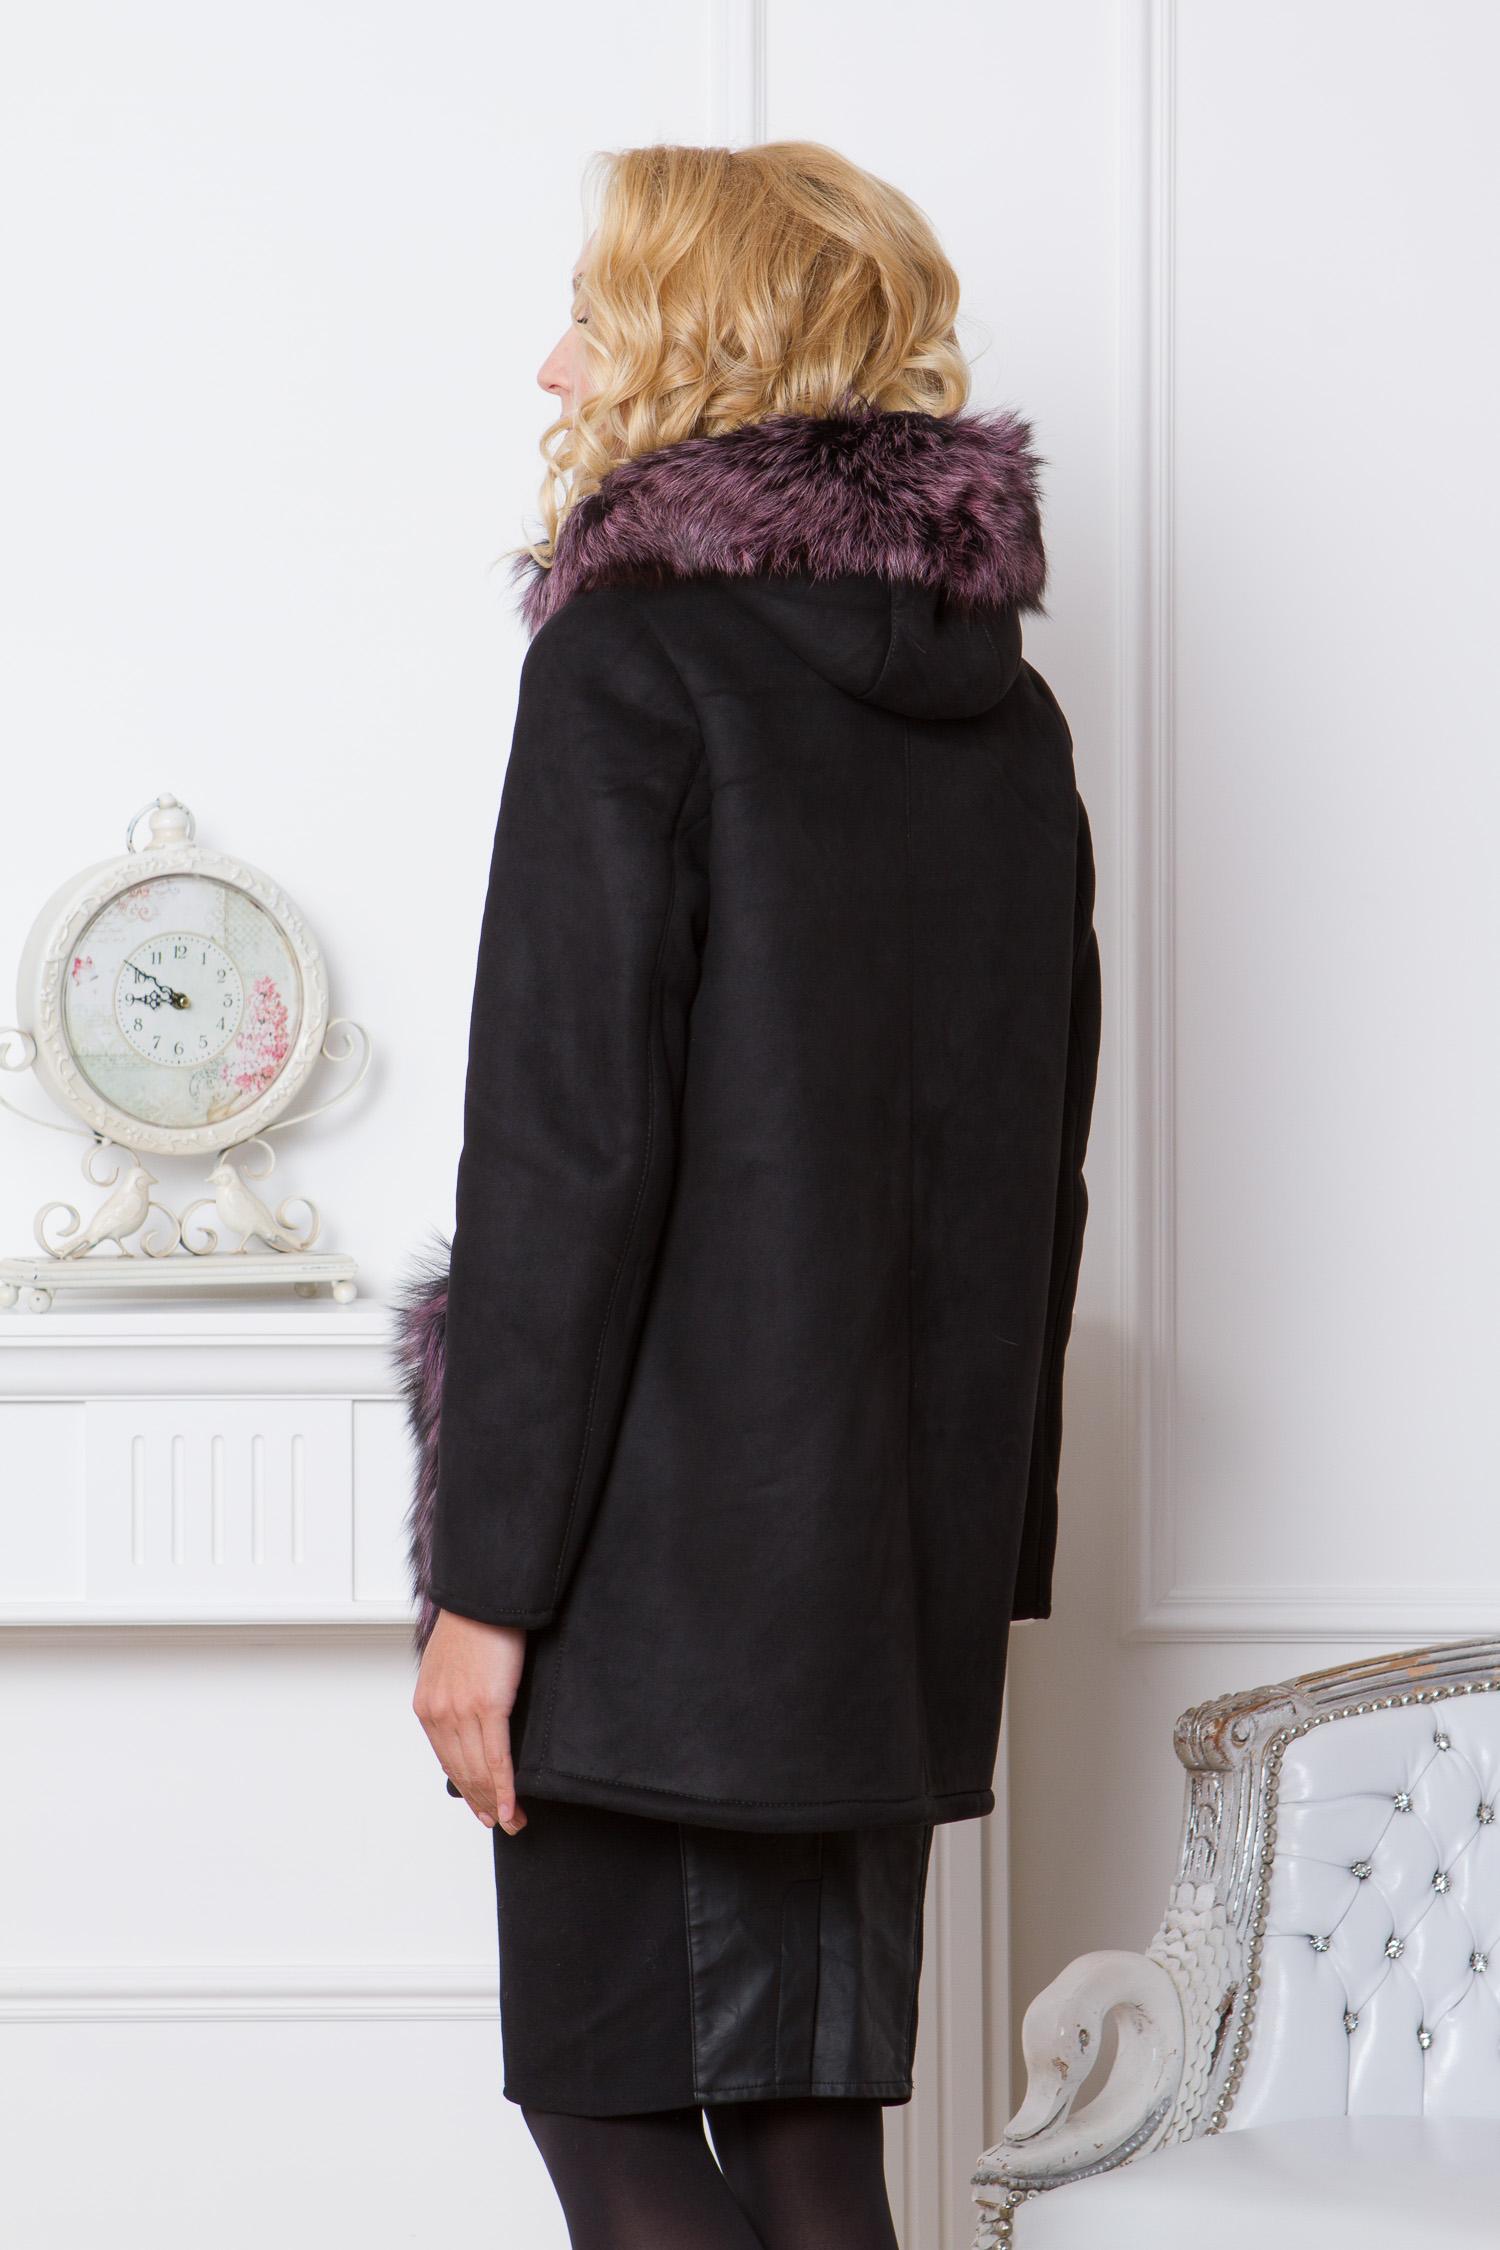 Дубленка женская с капюшоном, отделка натуральным мехом чернобурки